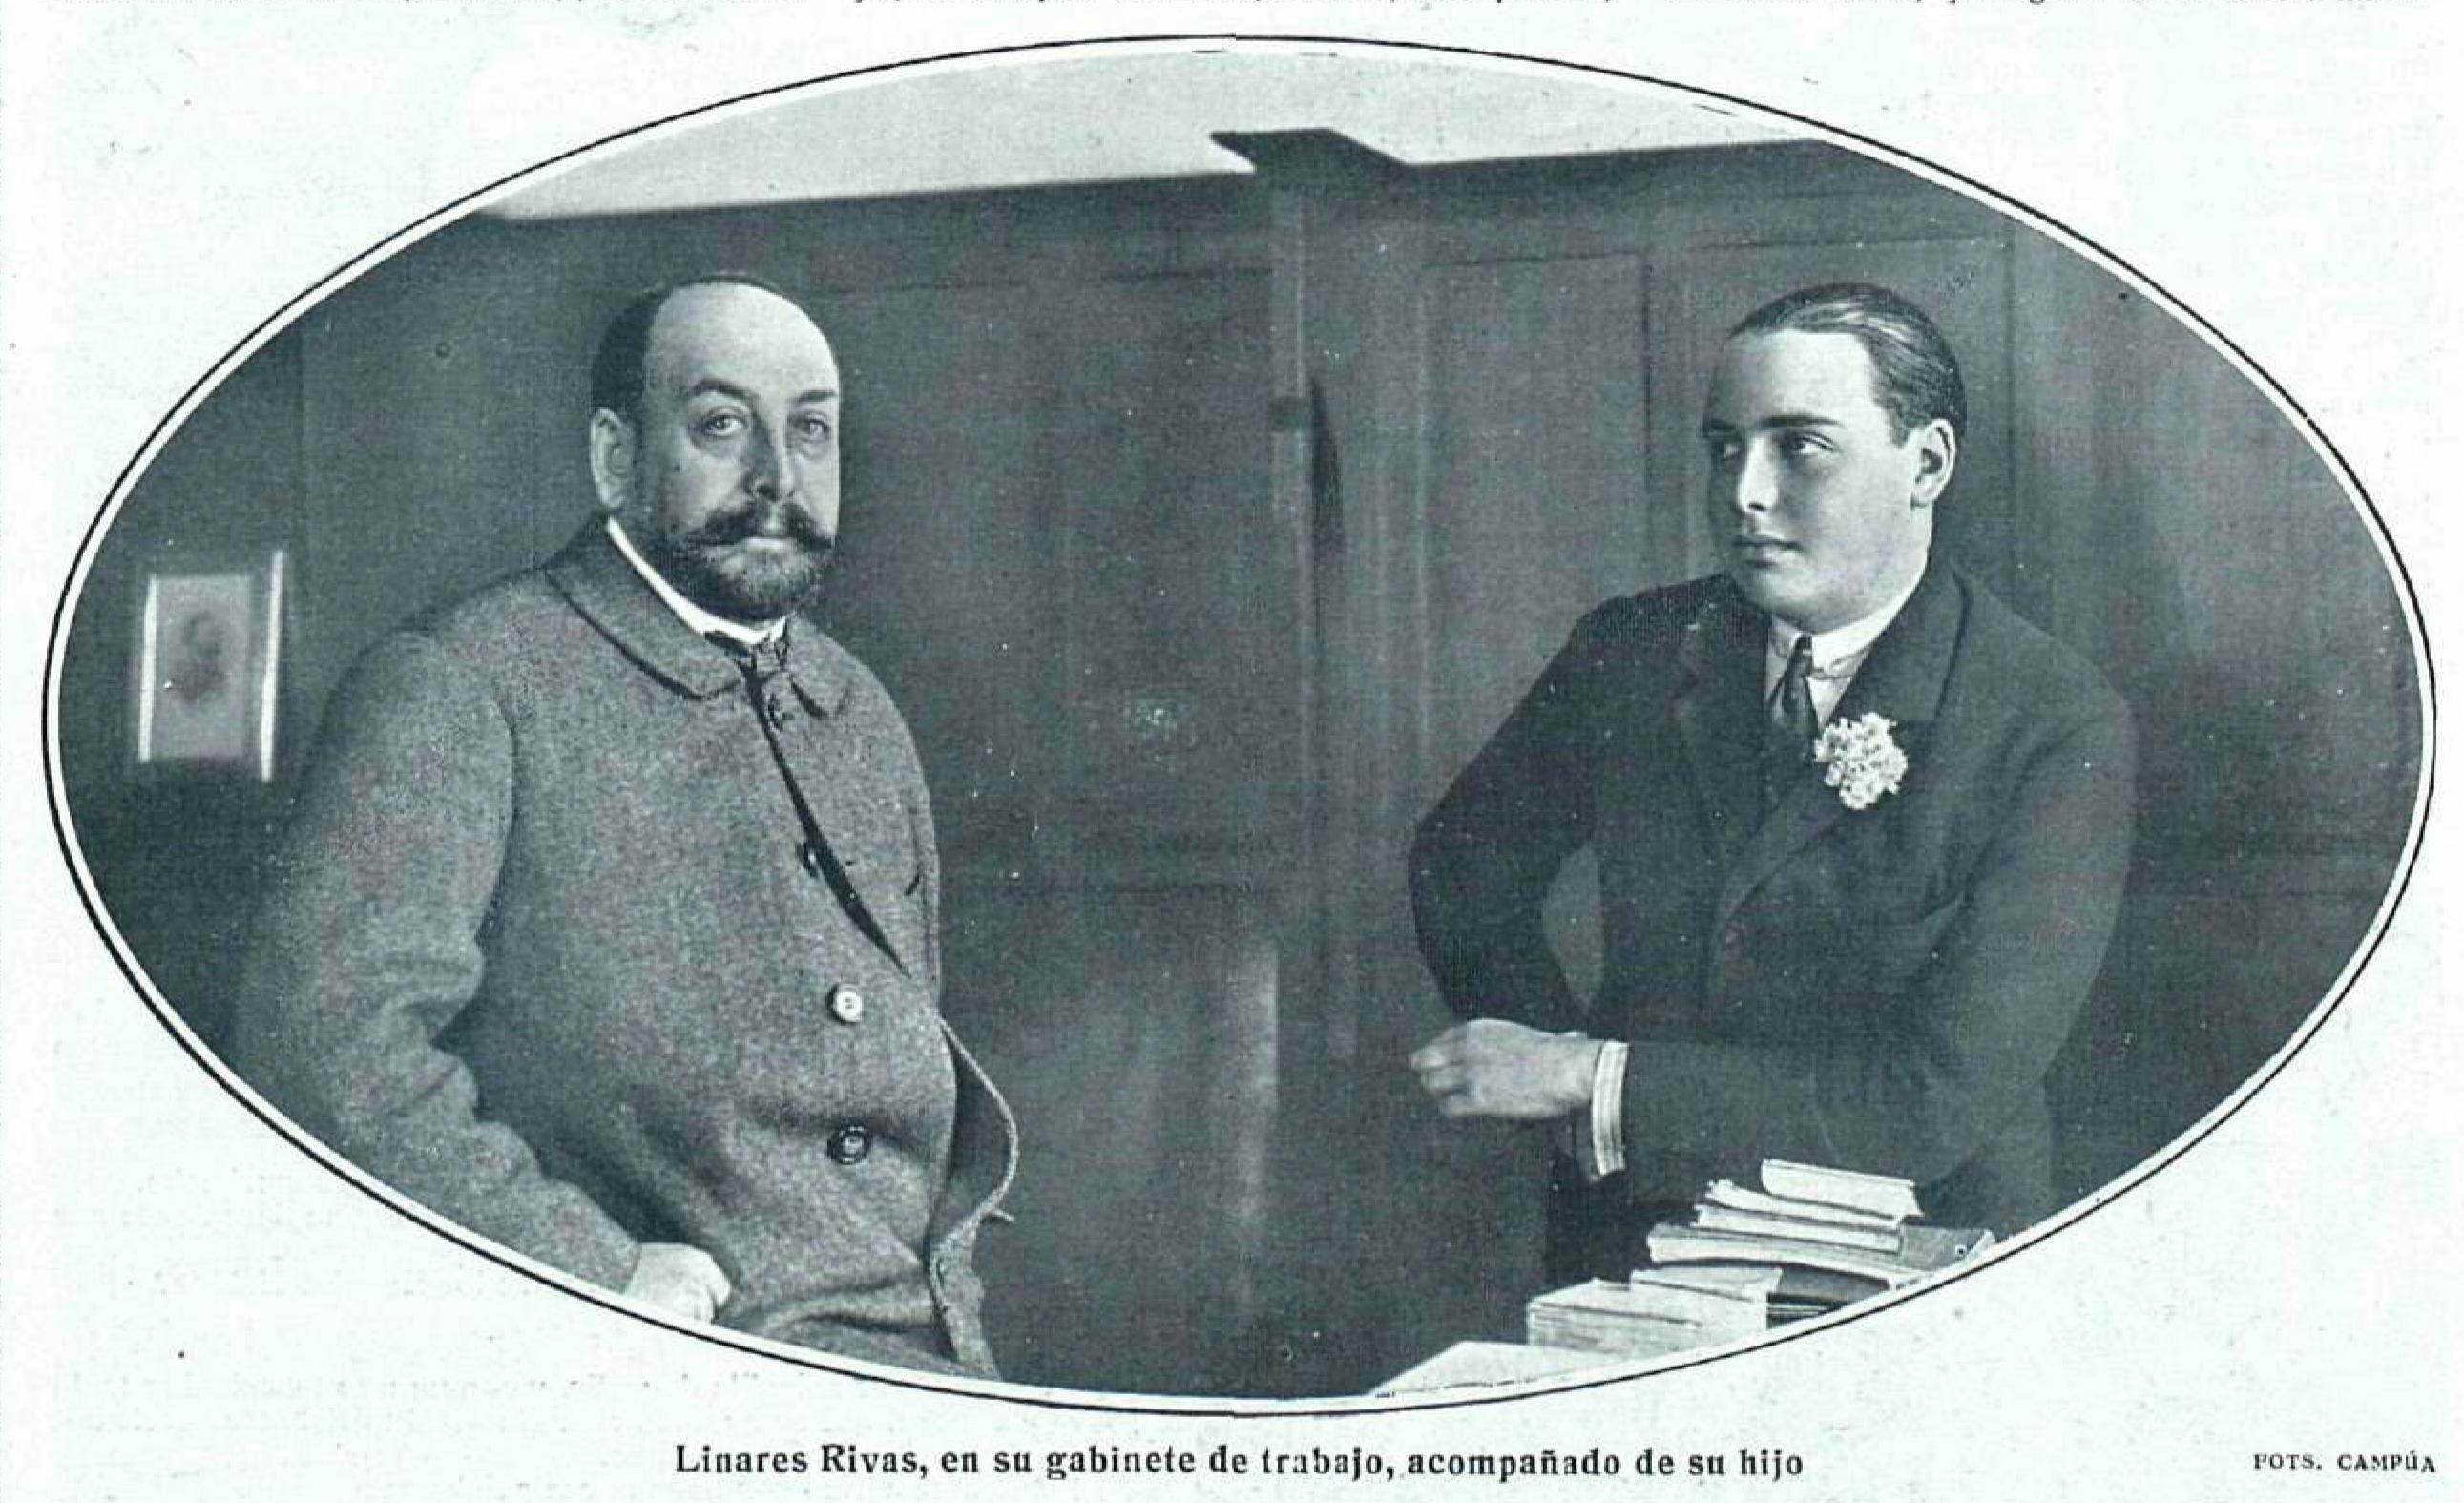 Archivo:Linares Rivas en su gabinete de trabajo acompañado de su ...